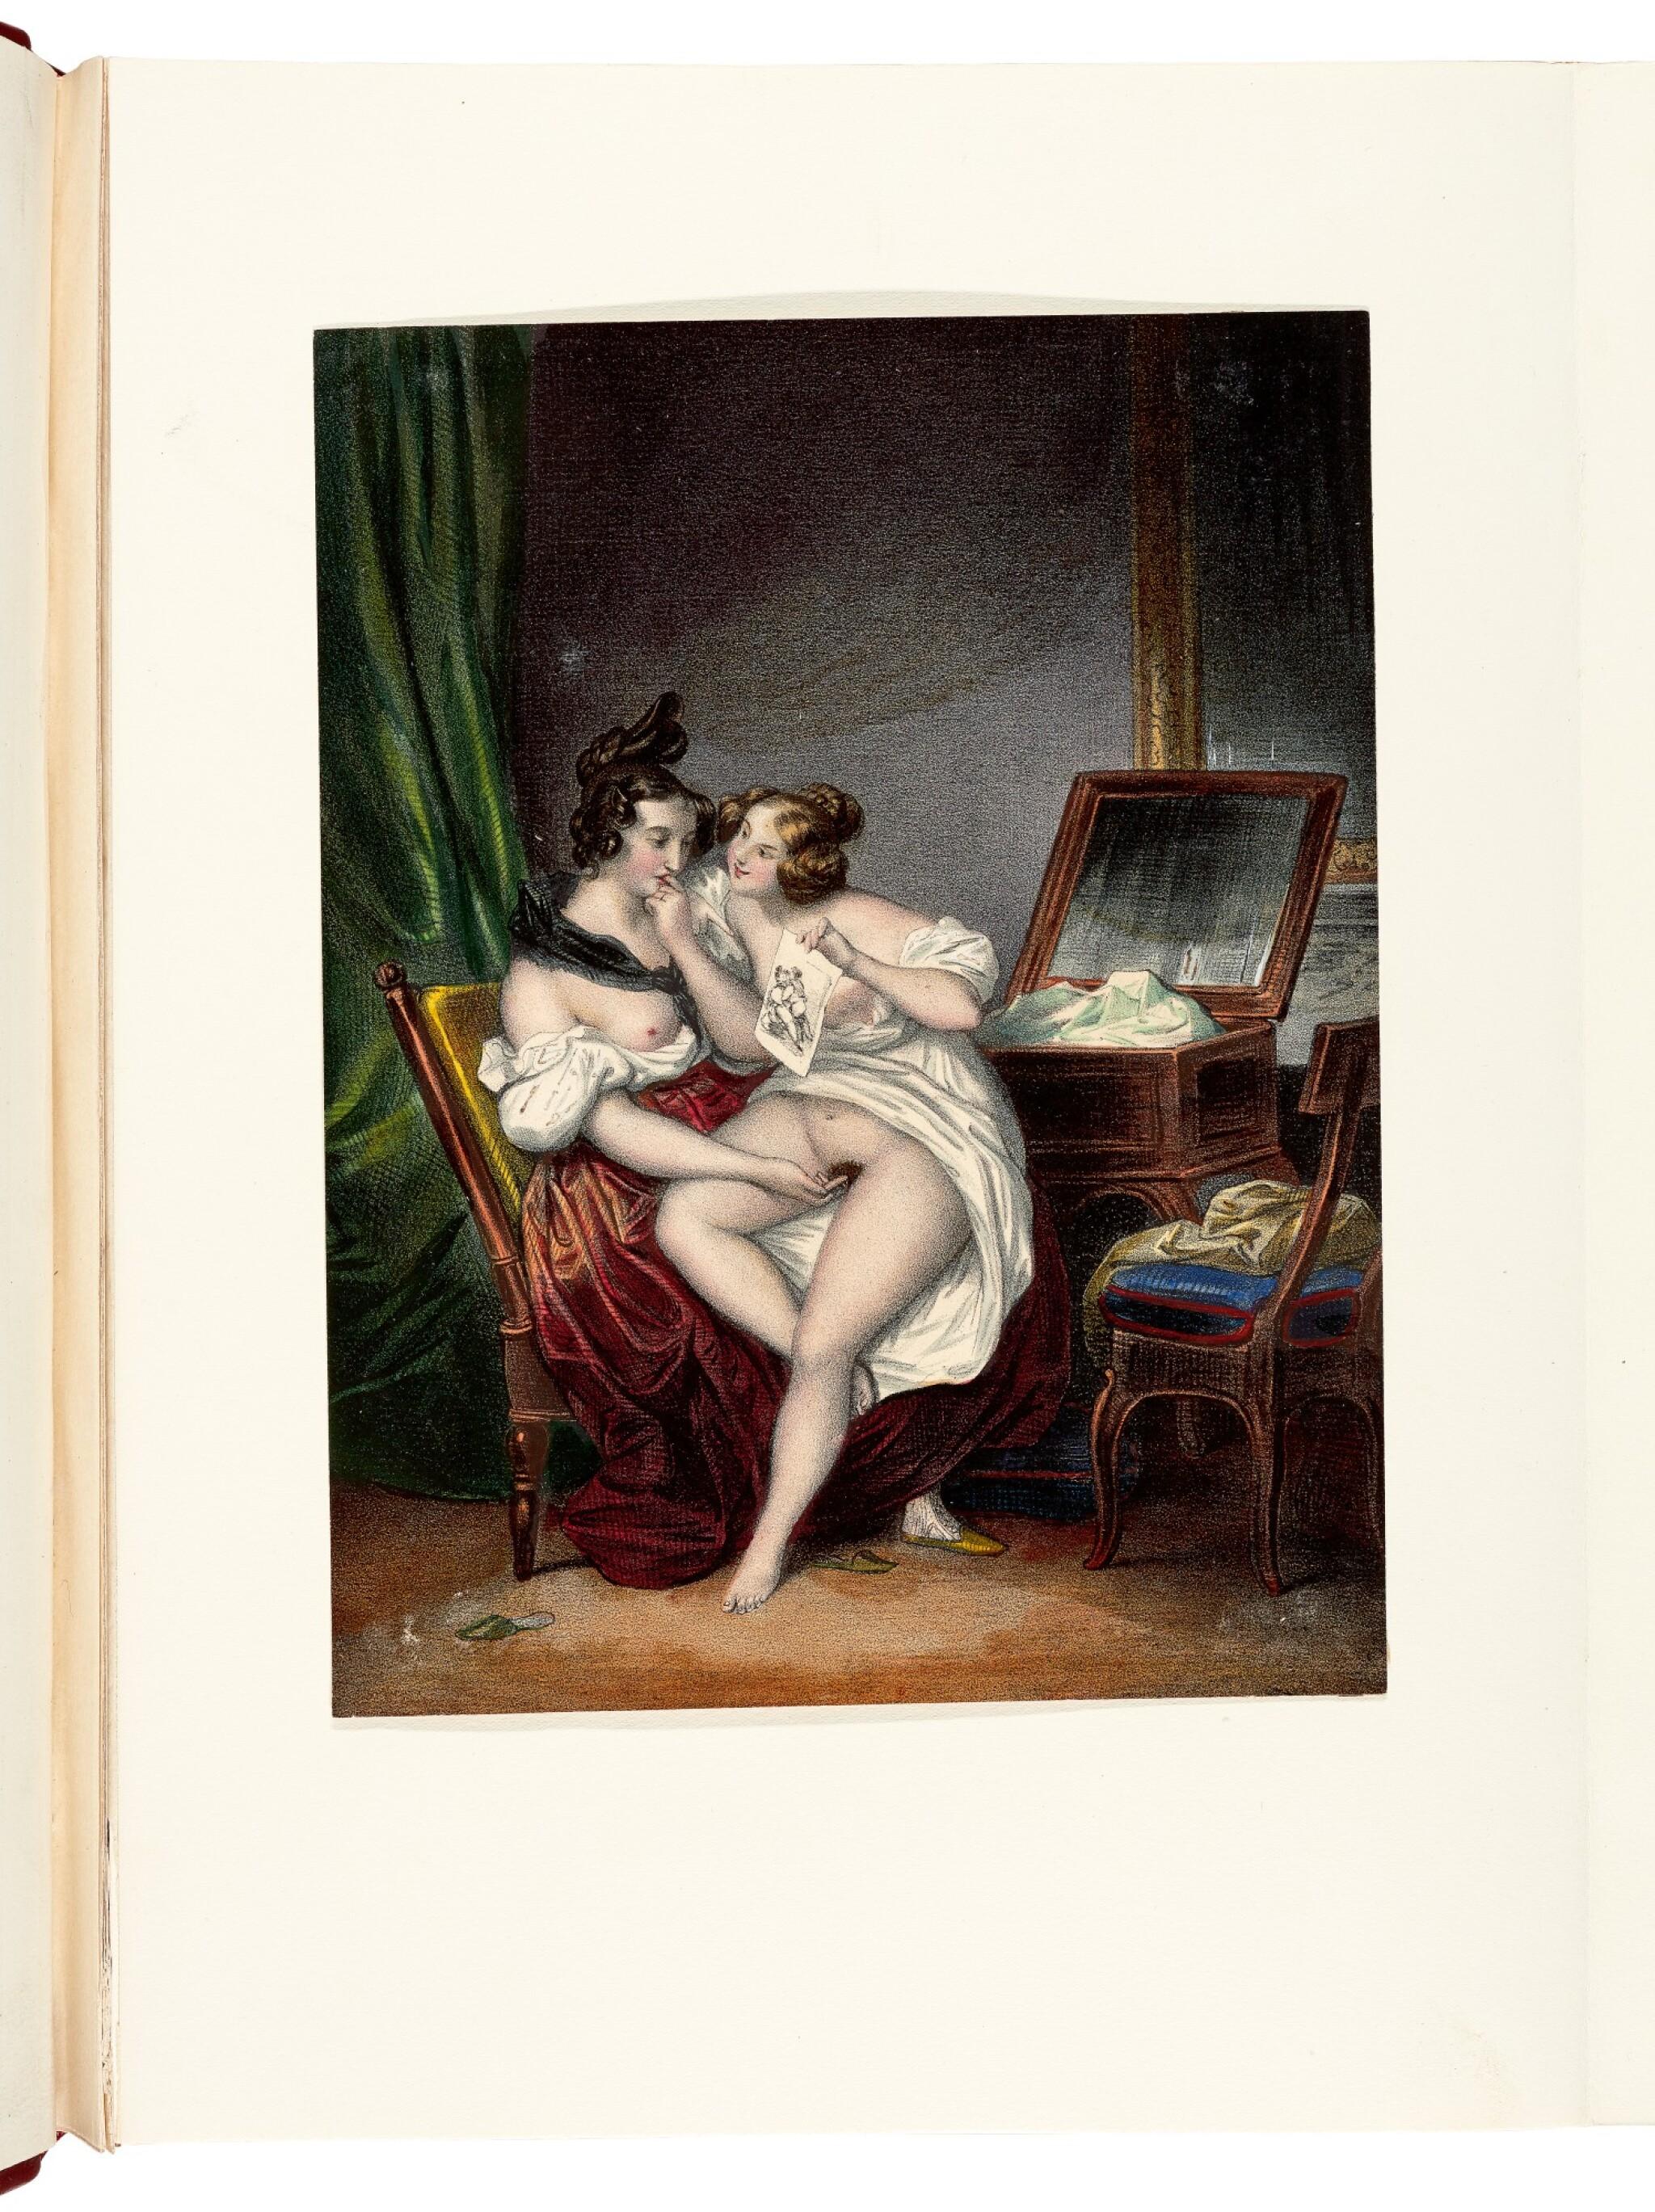 View 1 of Lot 155. Romantisme secret, an album of erotic prints, [Paris, 1840s-1850s], half red morocco.